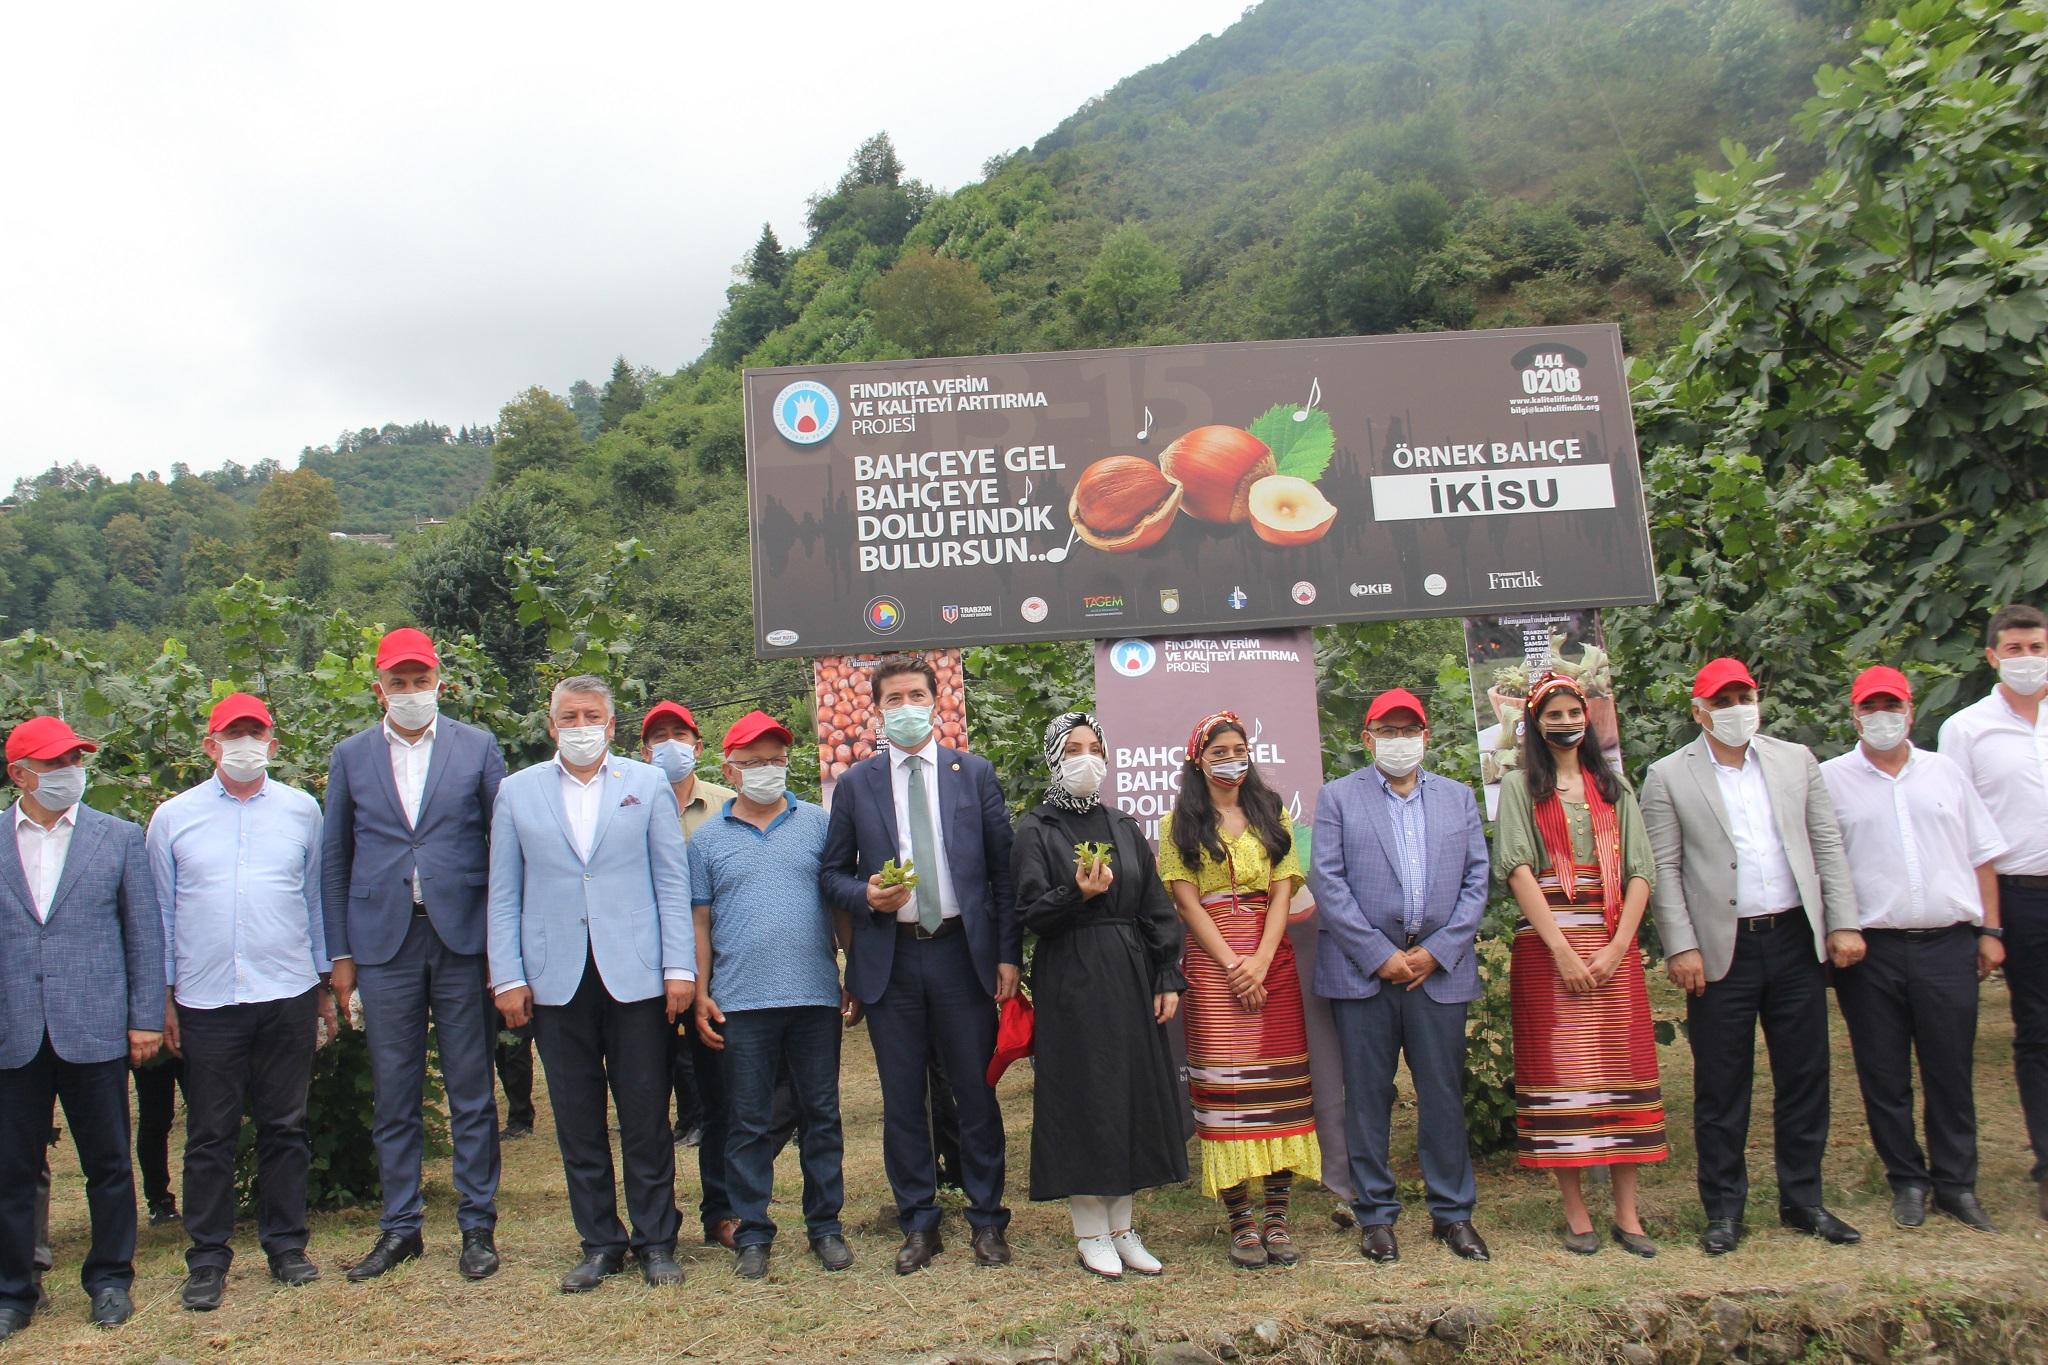 Trabzon'da örnek bahçede fındık hasadı